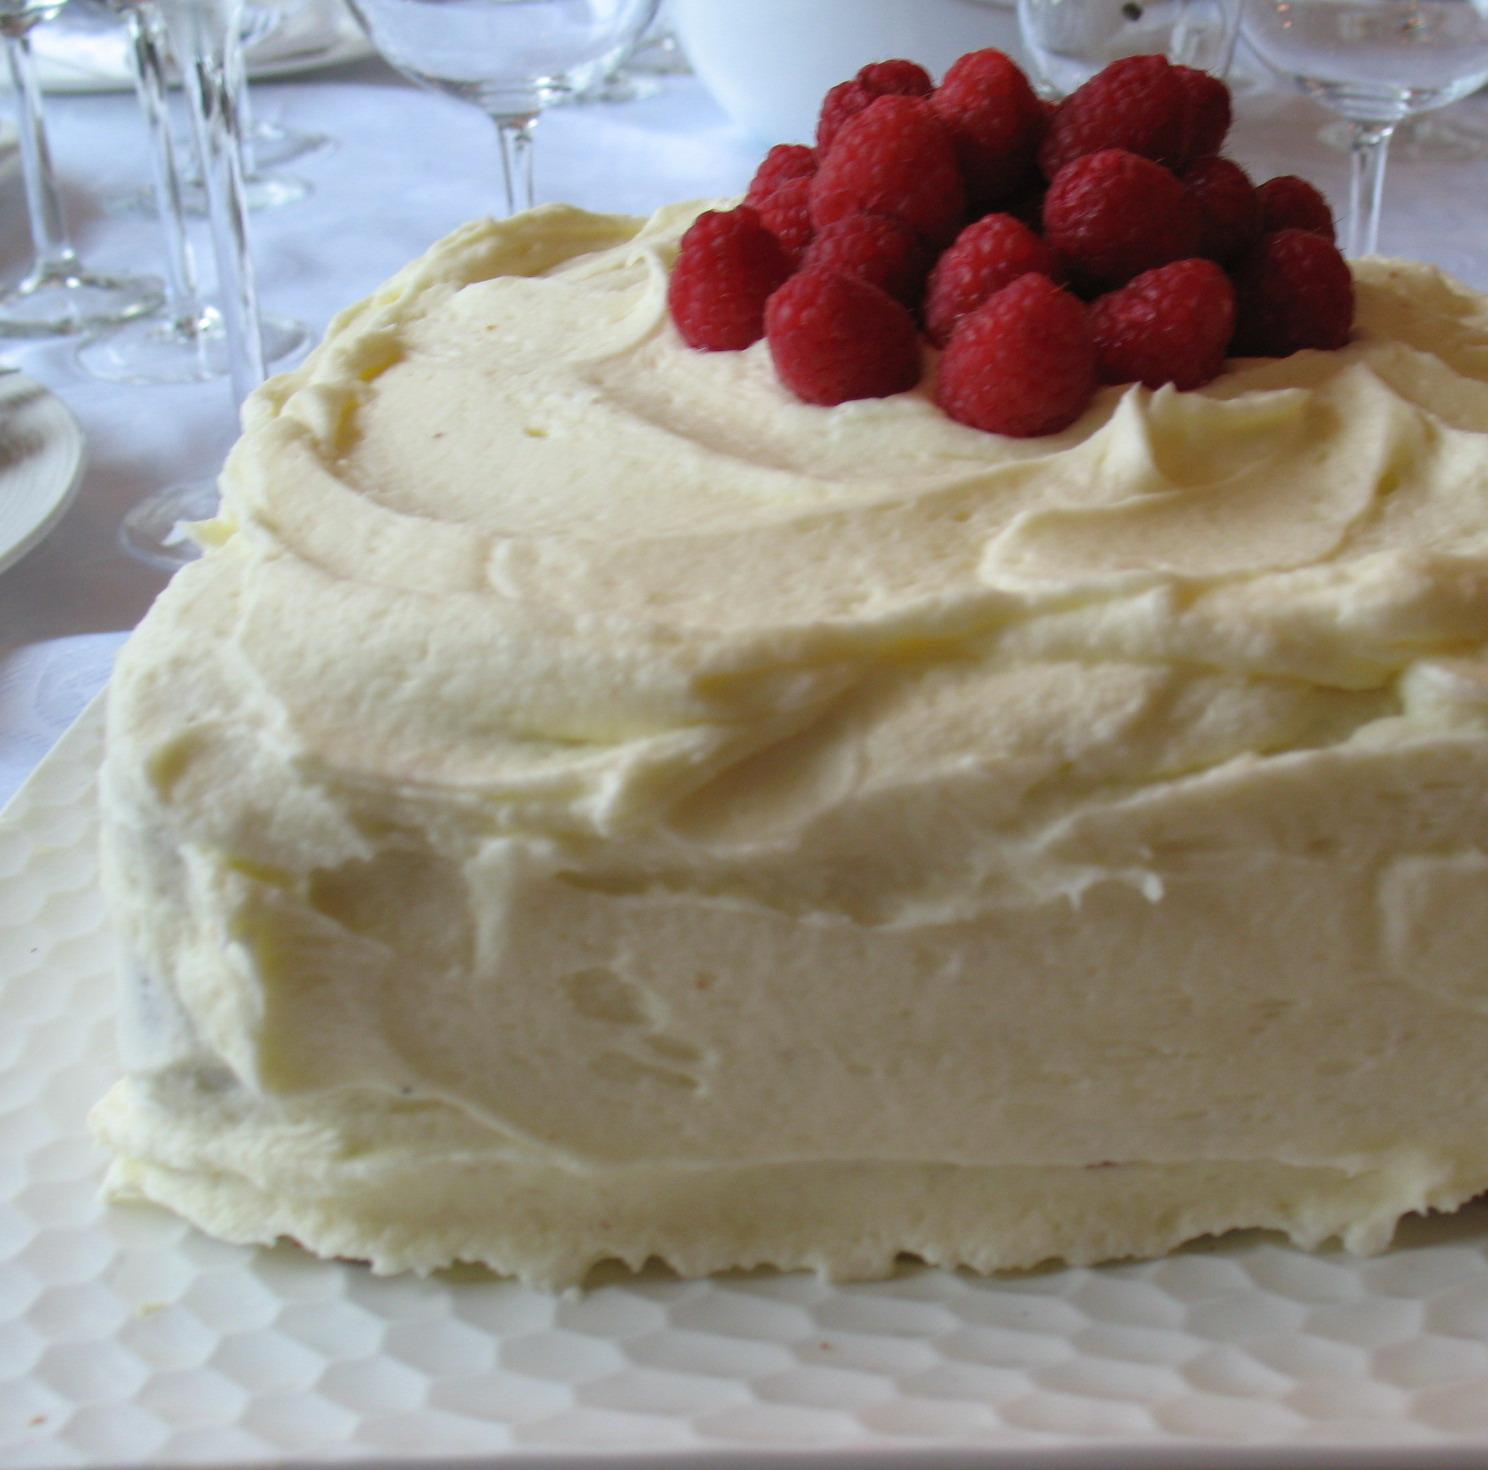 Lemon Chiffon Cake With Raspberry Filling